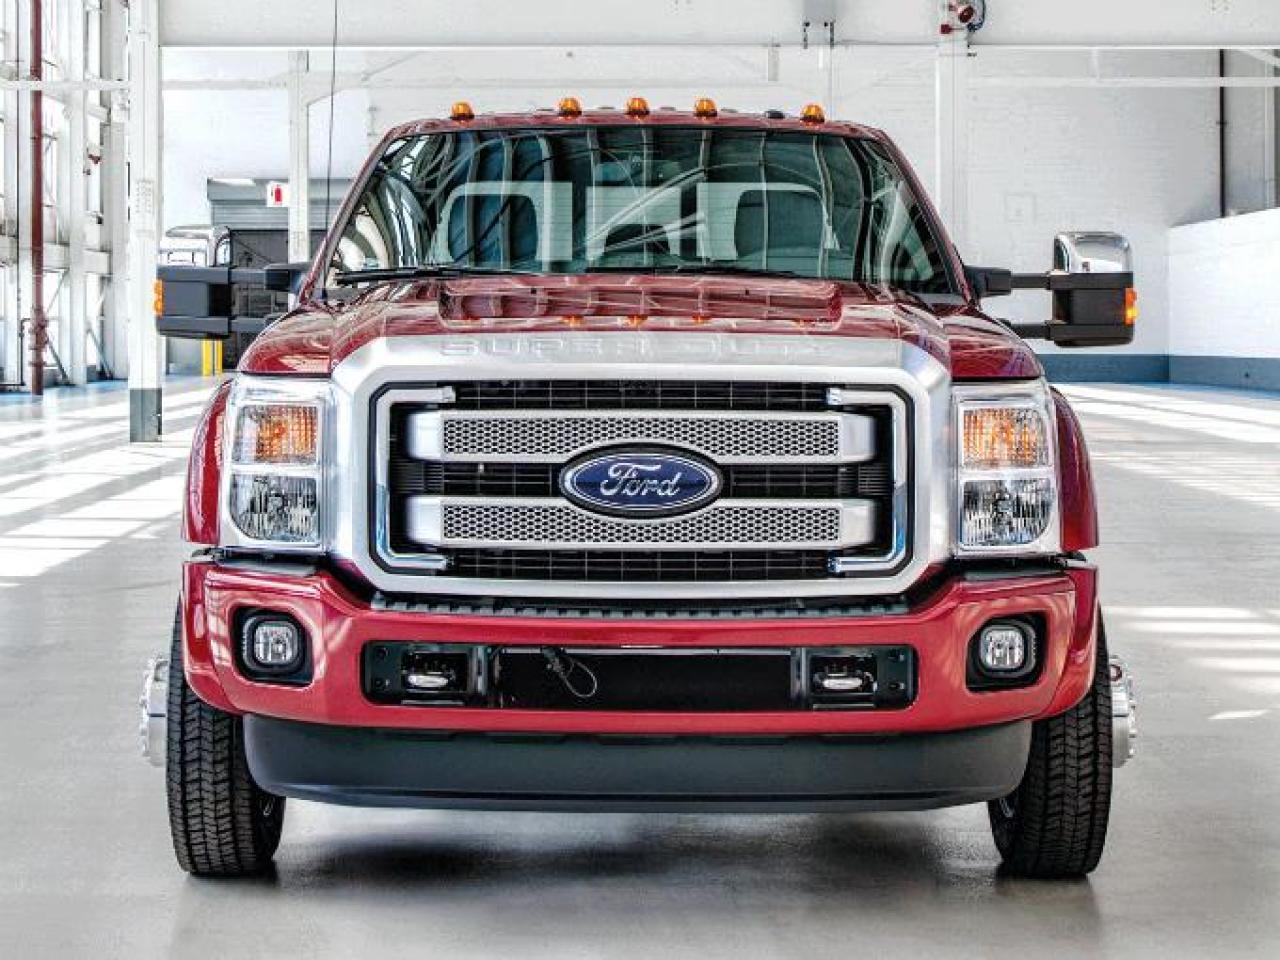 Las 10 camionetas más caras del mundo | Lifestyle de ...